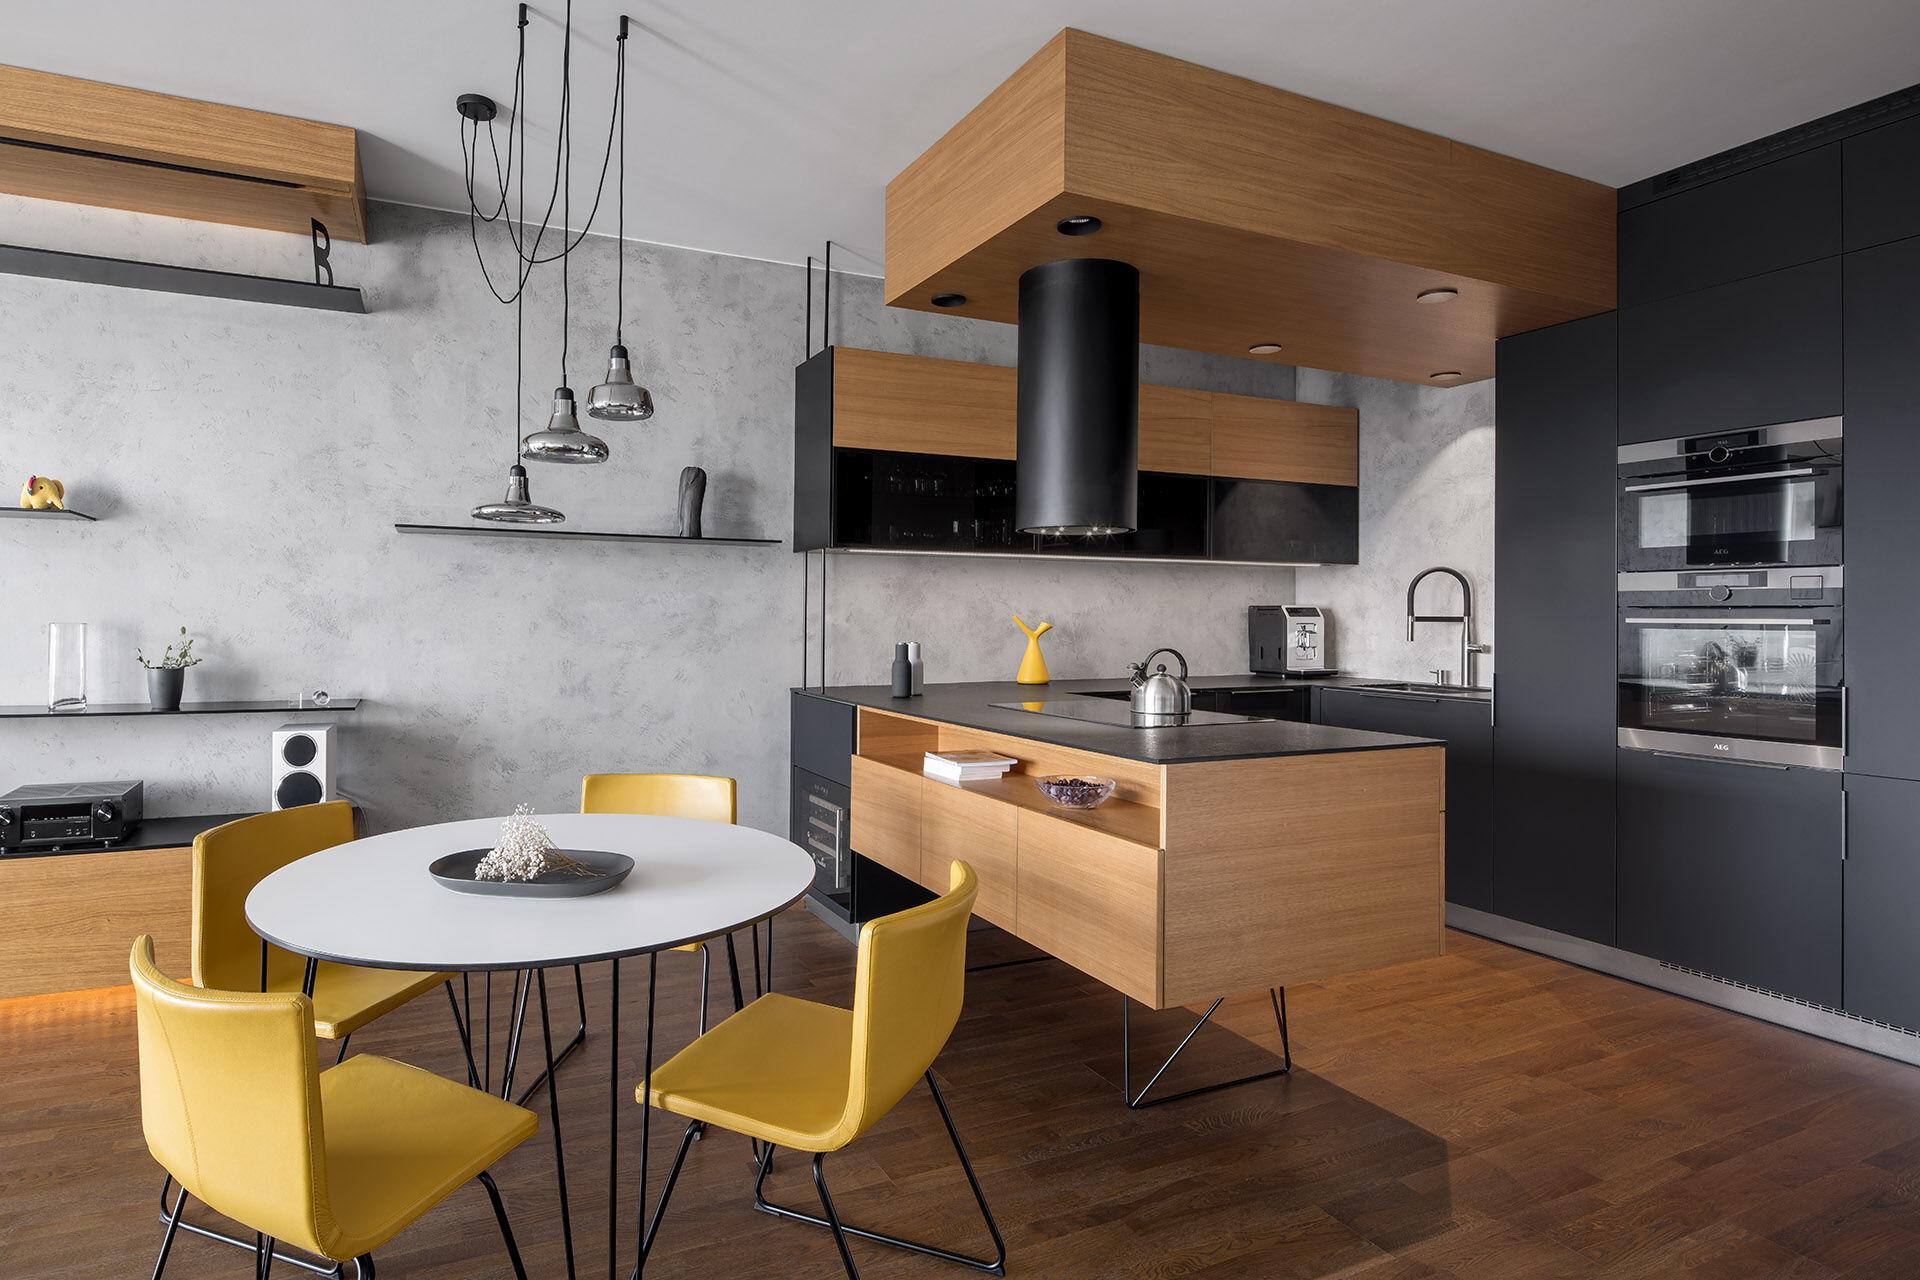 Black kitchen interior   boq architekti   Archello